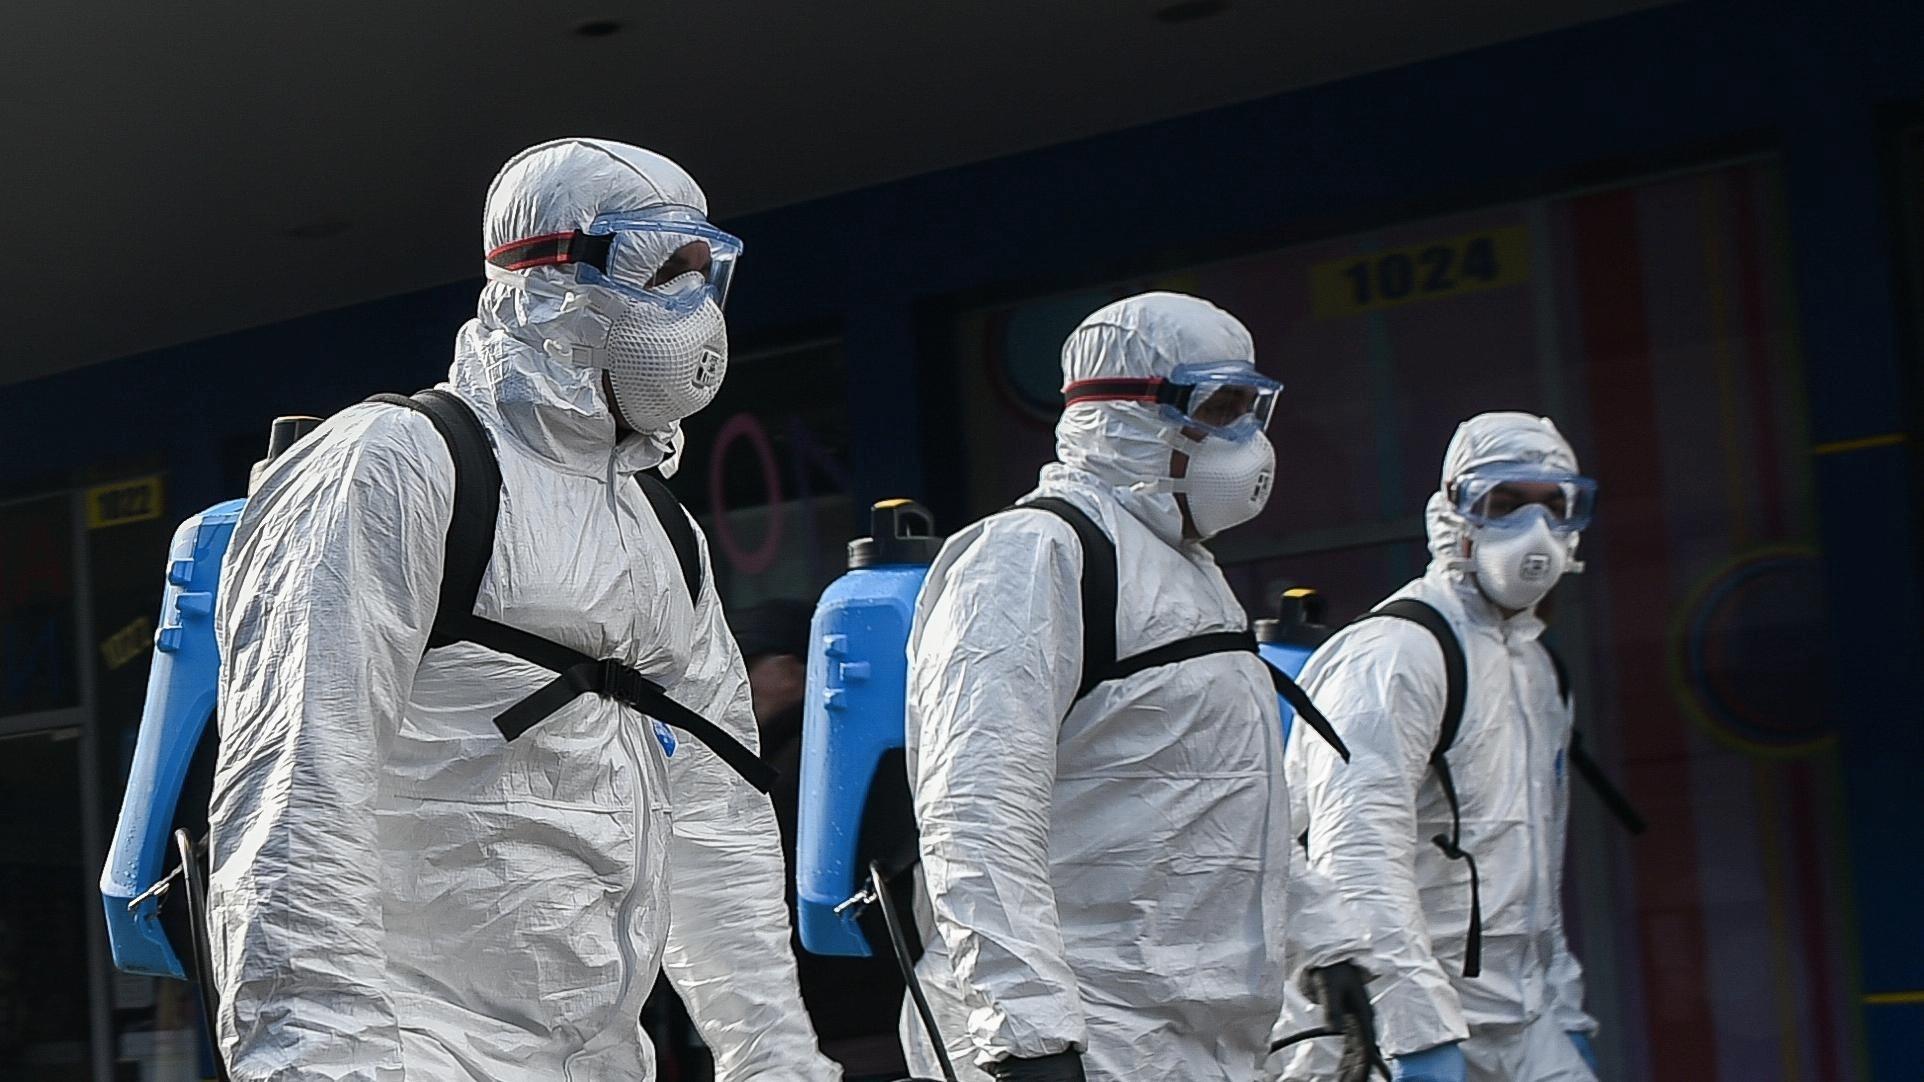 Commentaire_:_La_Chine_a-t-elle_réellement_omis_de_déclarer_l'épidémie_?